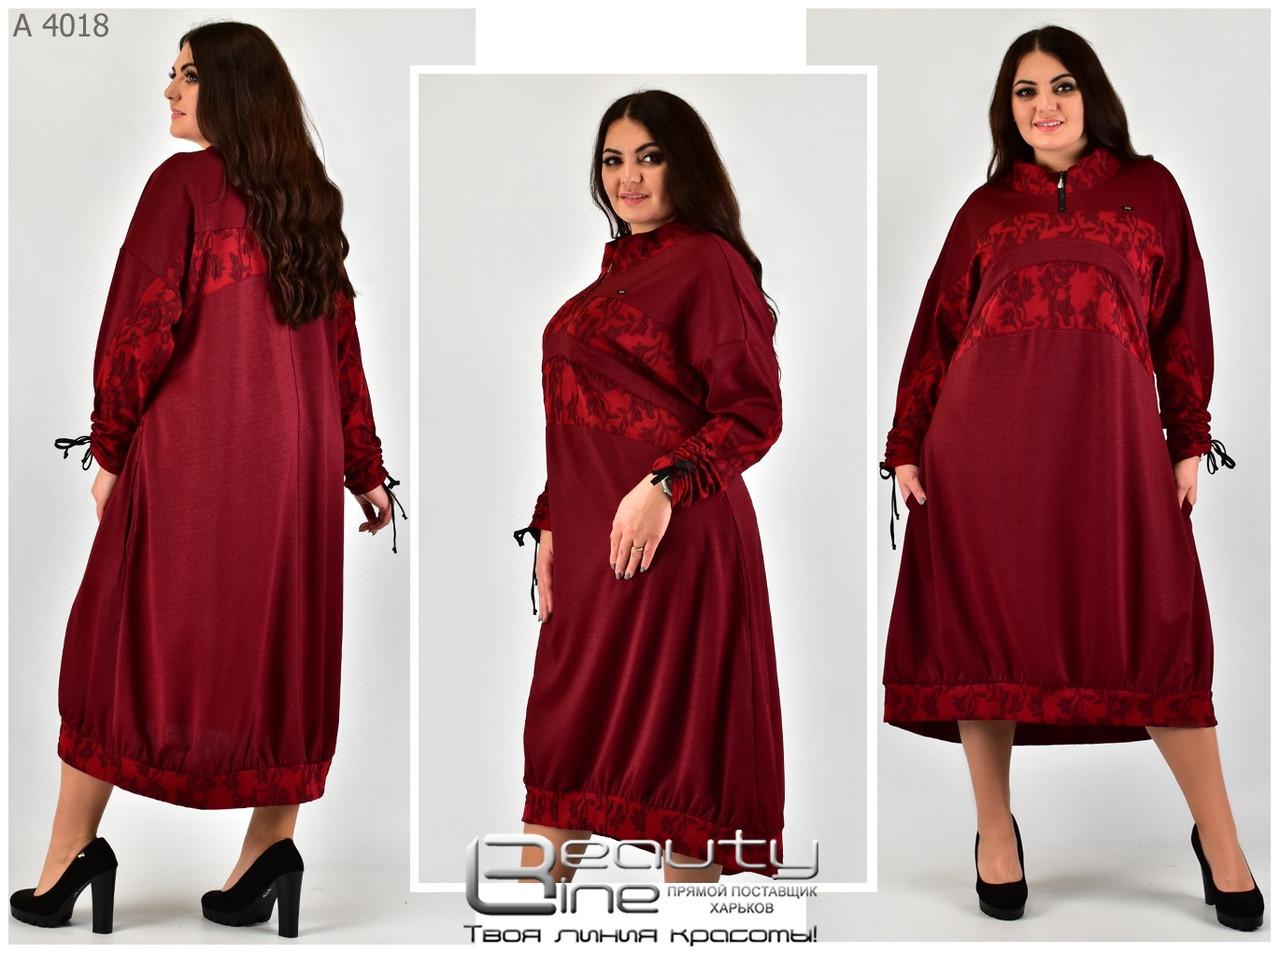 Стильное женское платьеРазмеры 58-60. 60-62. 64-66. 66-68